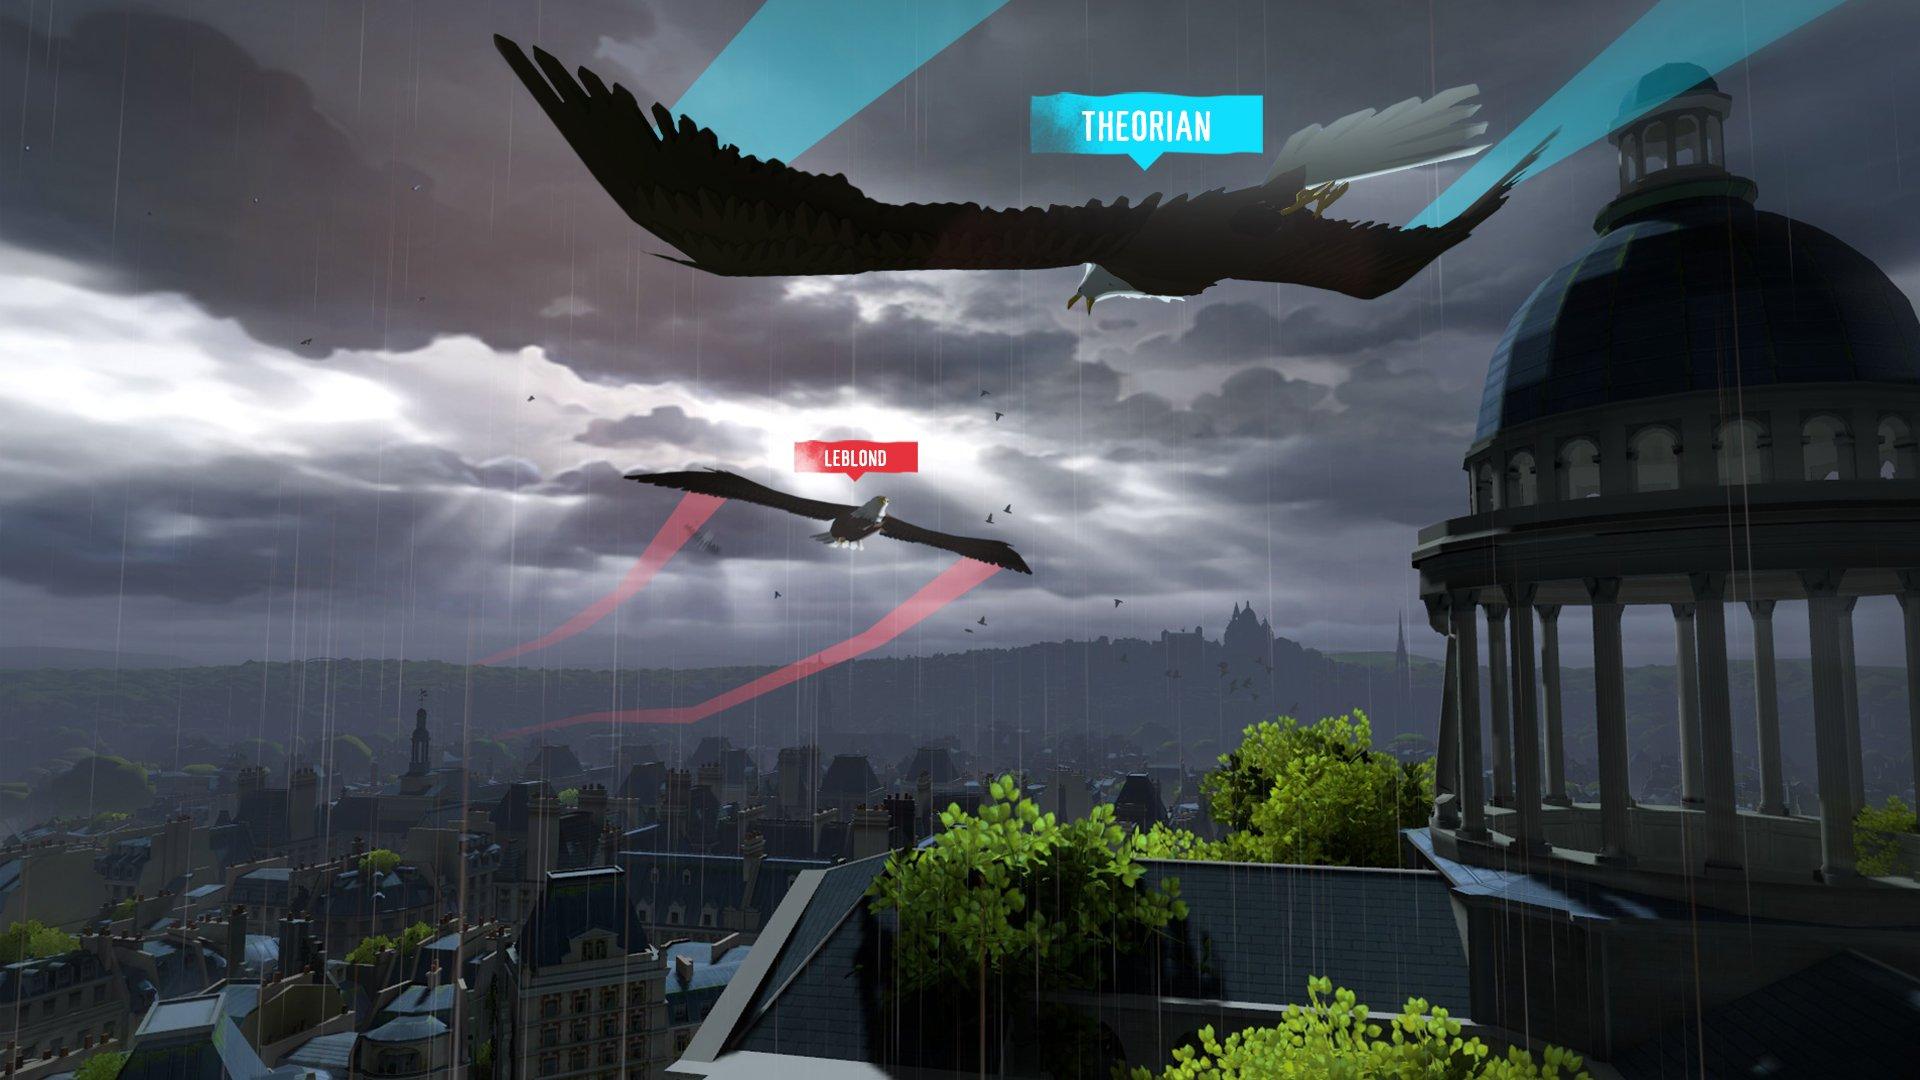 eagle_flight-3540330.jpg